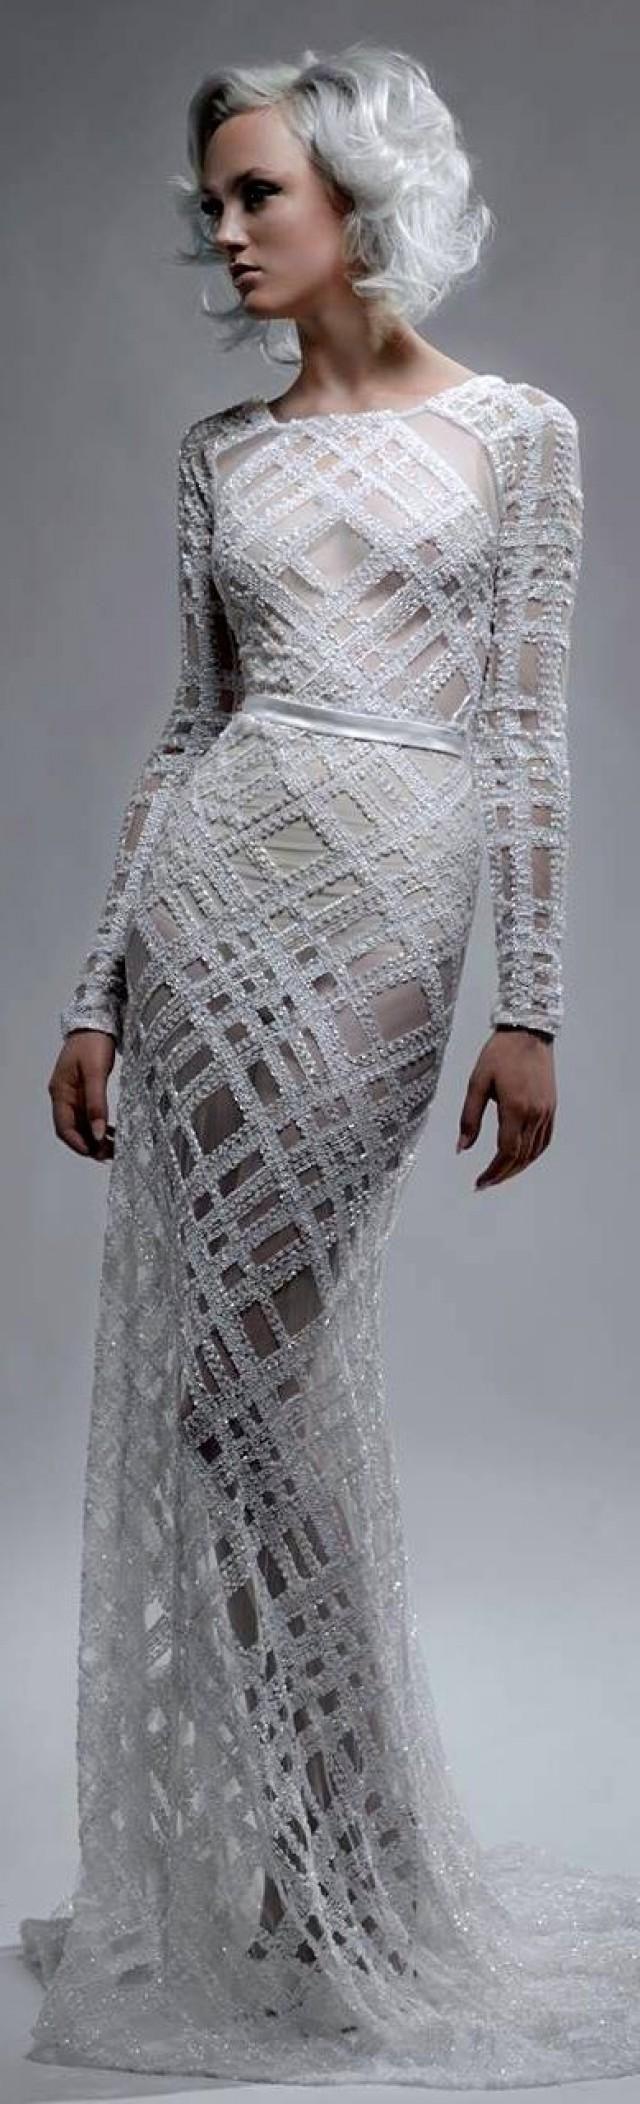 Giuliana rancic 2014 oscars paolo sebastian dress - Giuliana Rancic 2014 Oscars Paolo Sebastian Dress 59